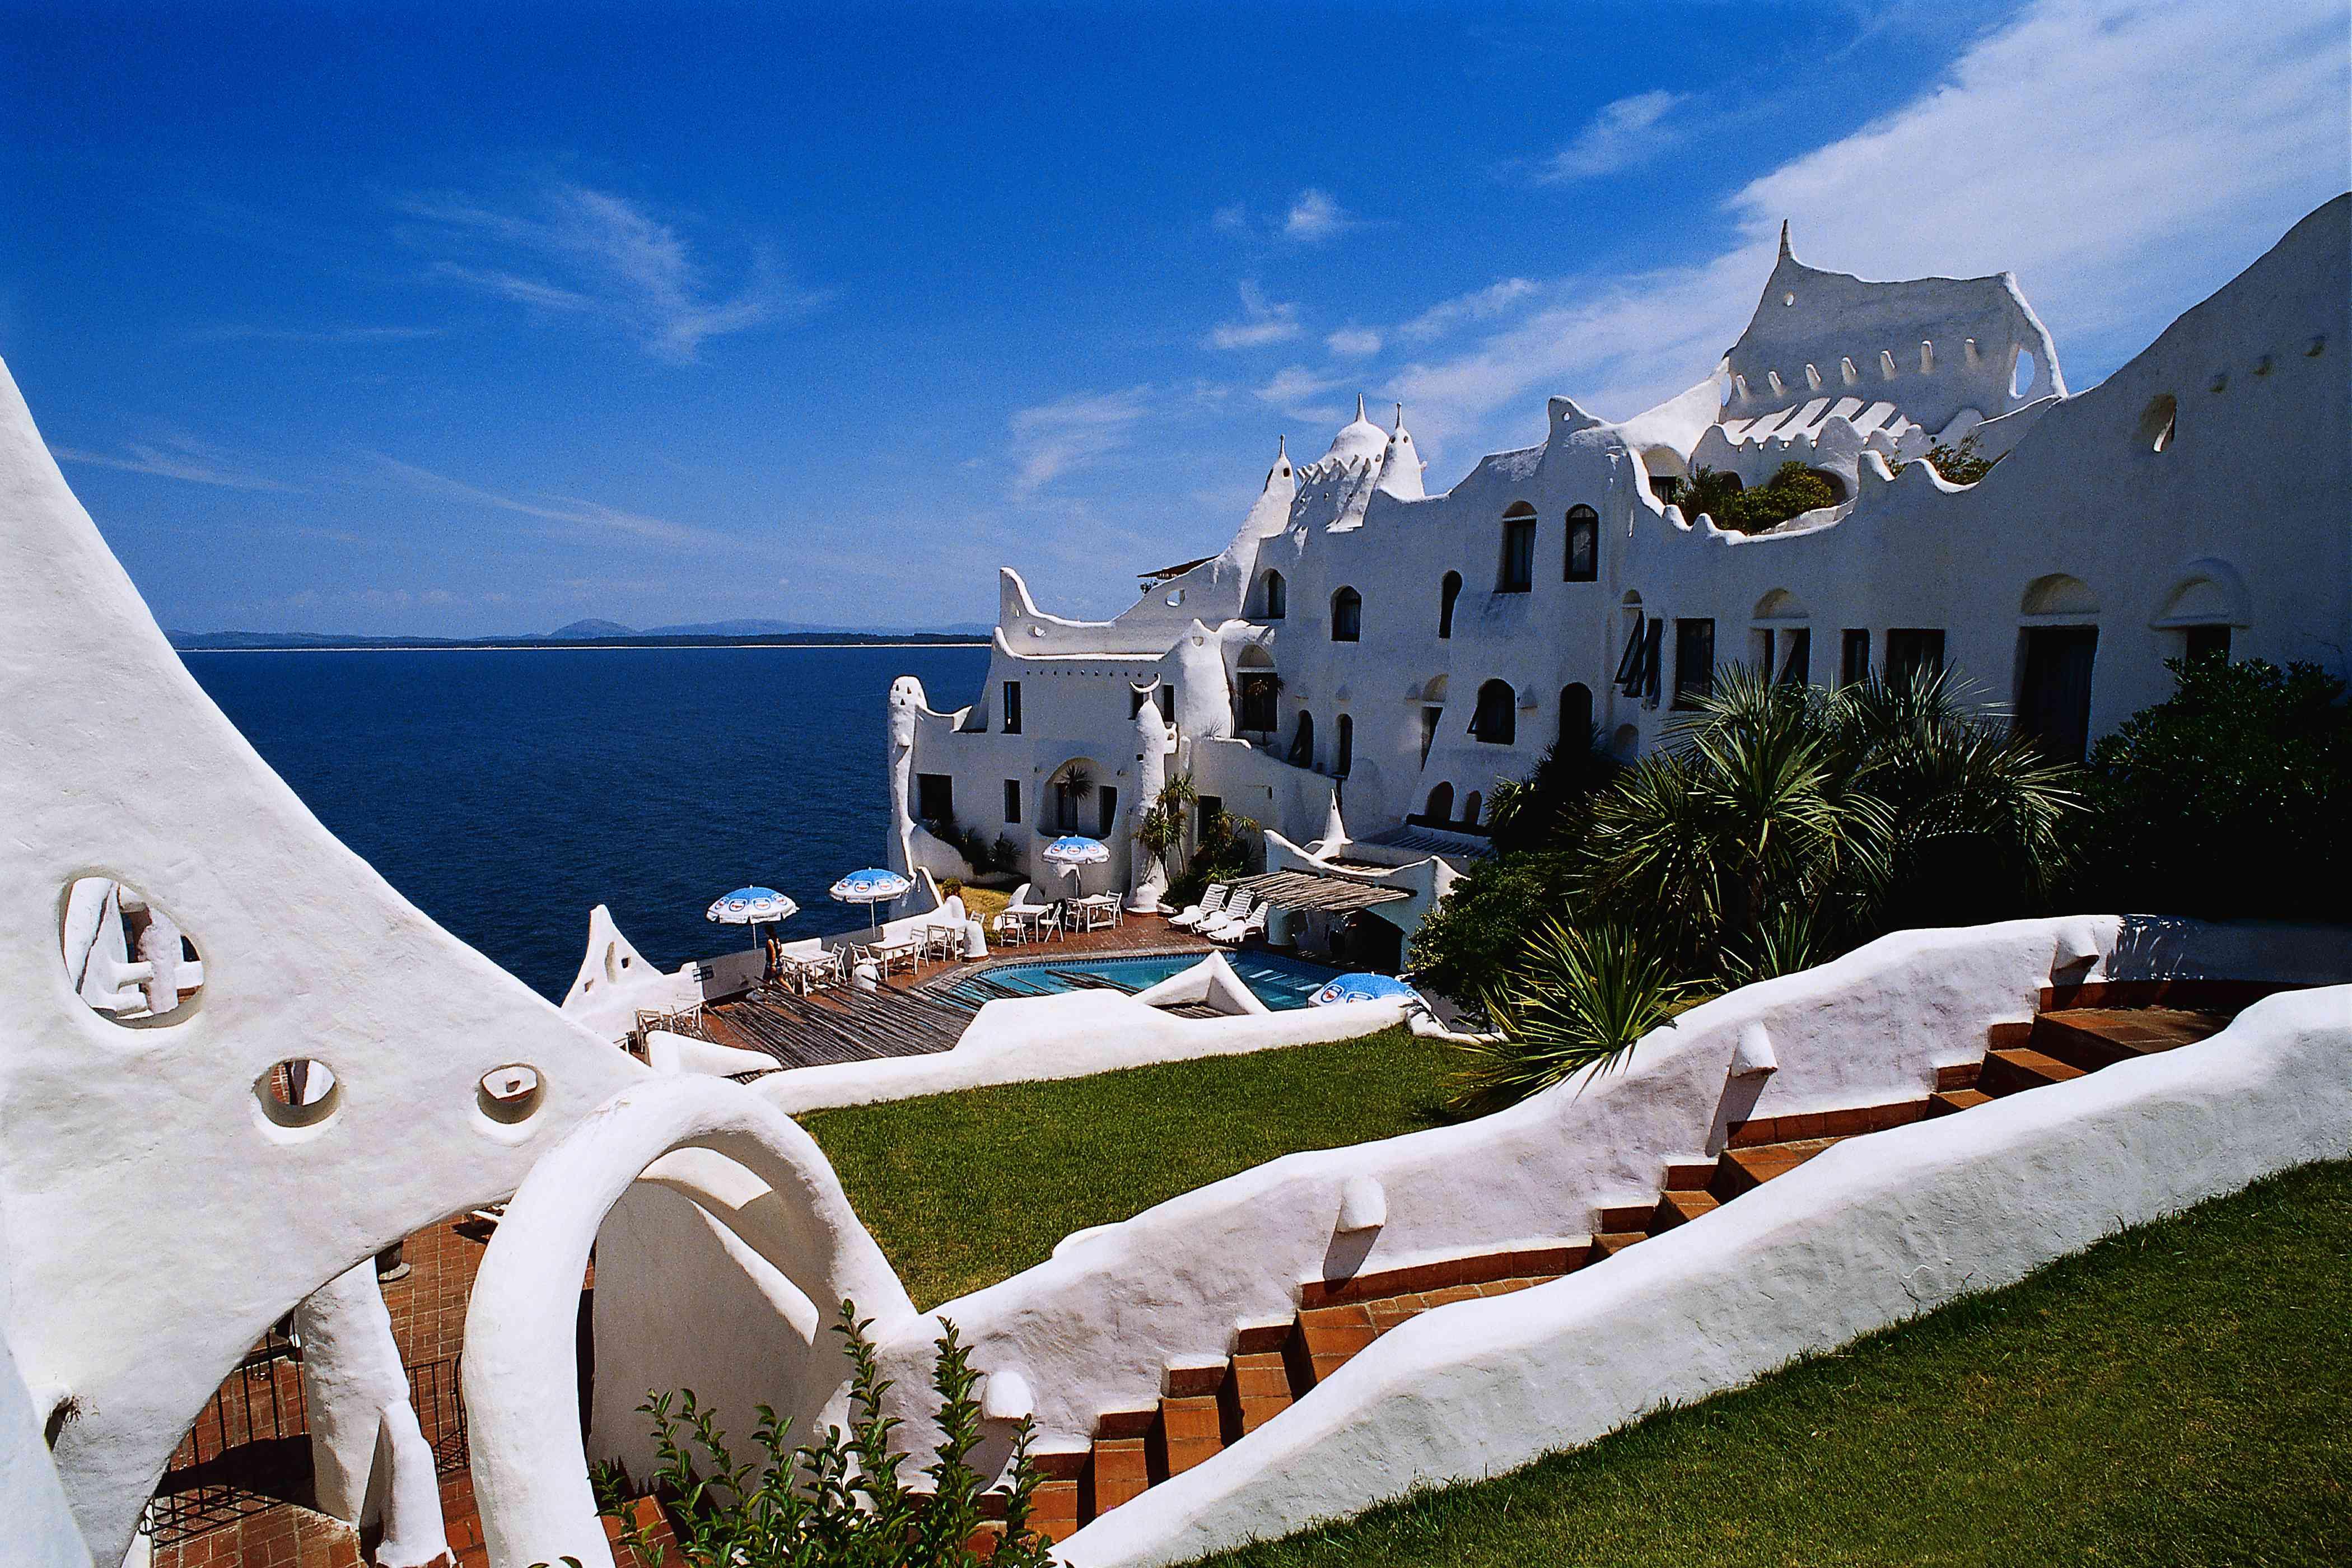 Club Hotel Casapueblo in Punta del Este